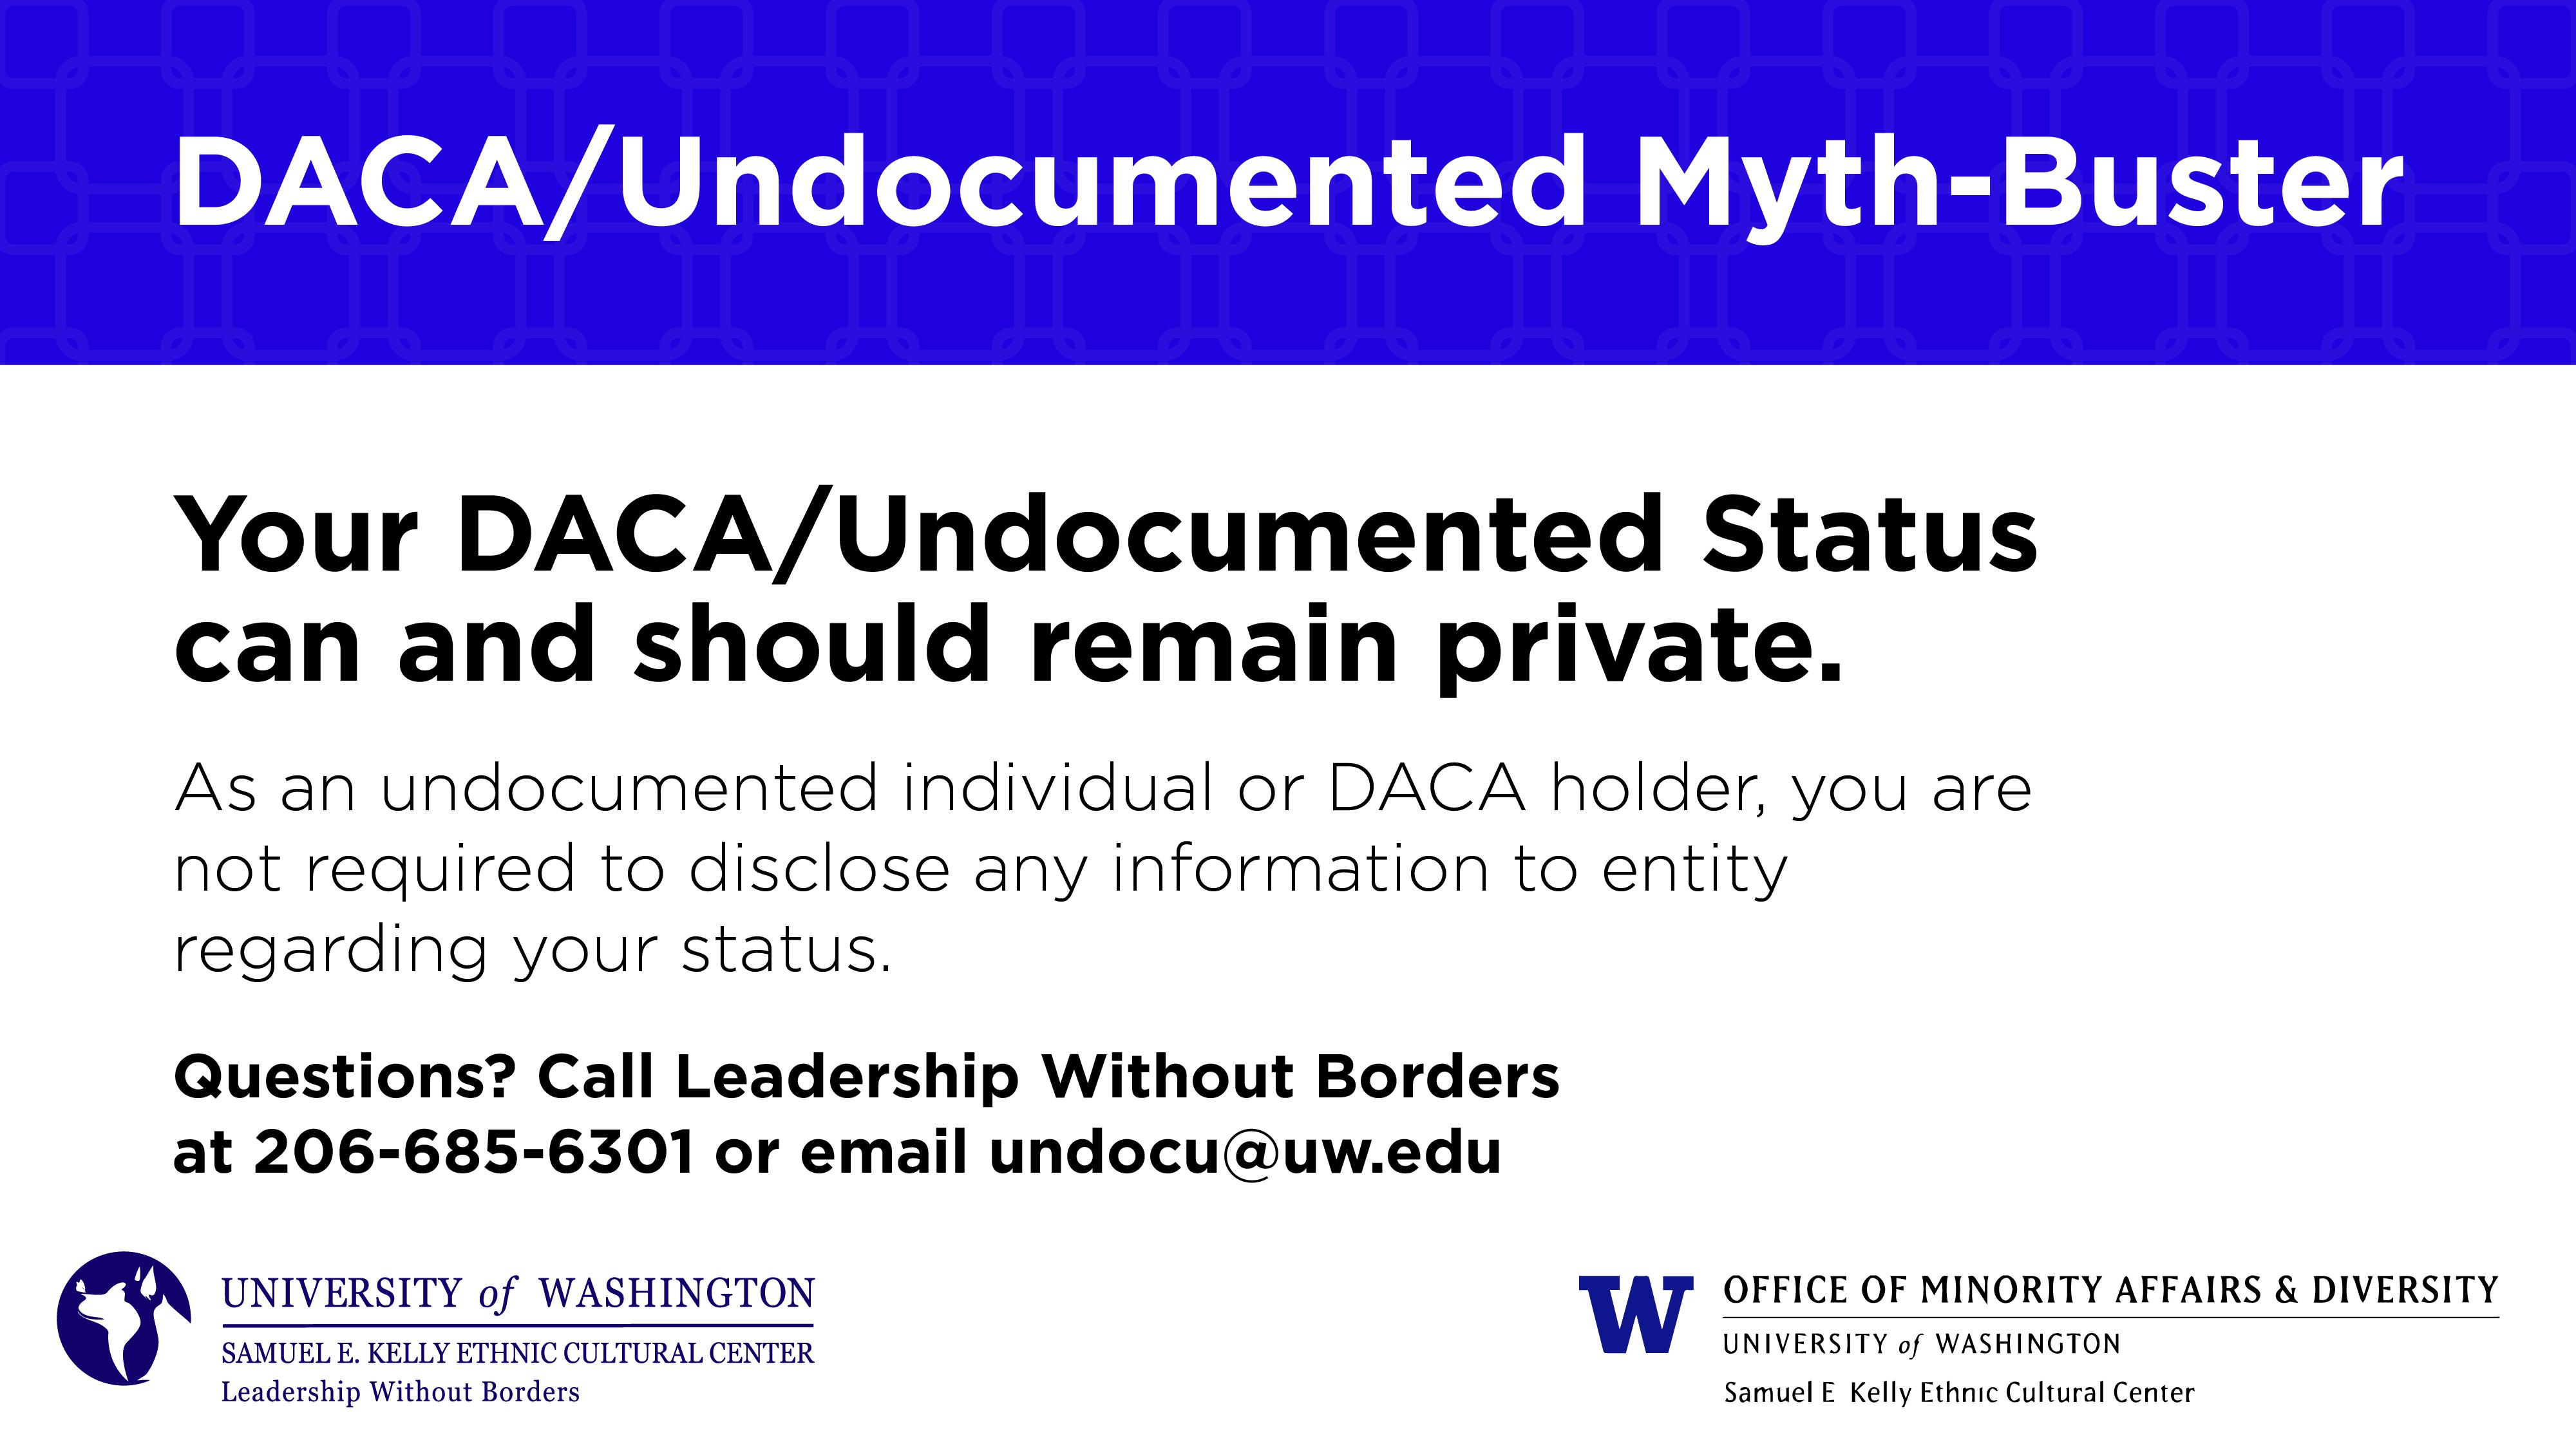 DACA Undocumented Myth-Buster_4